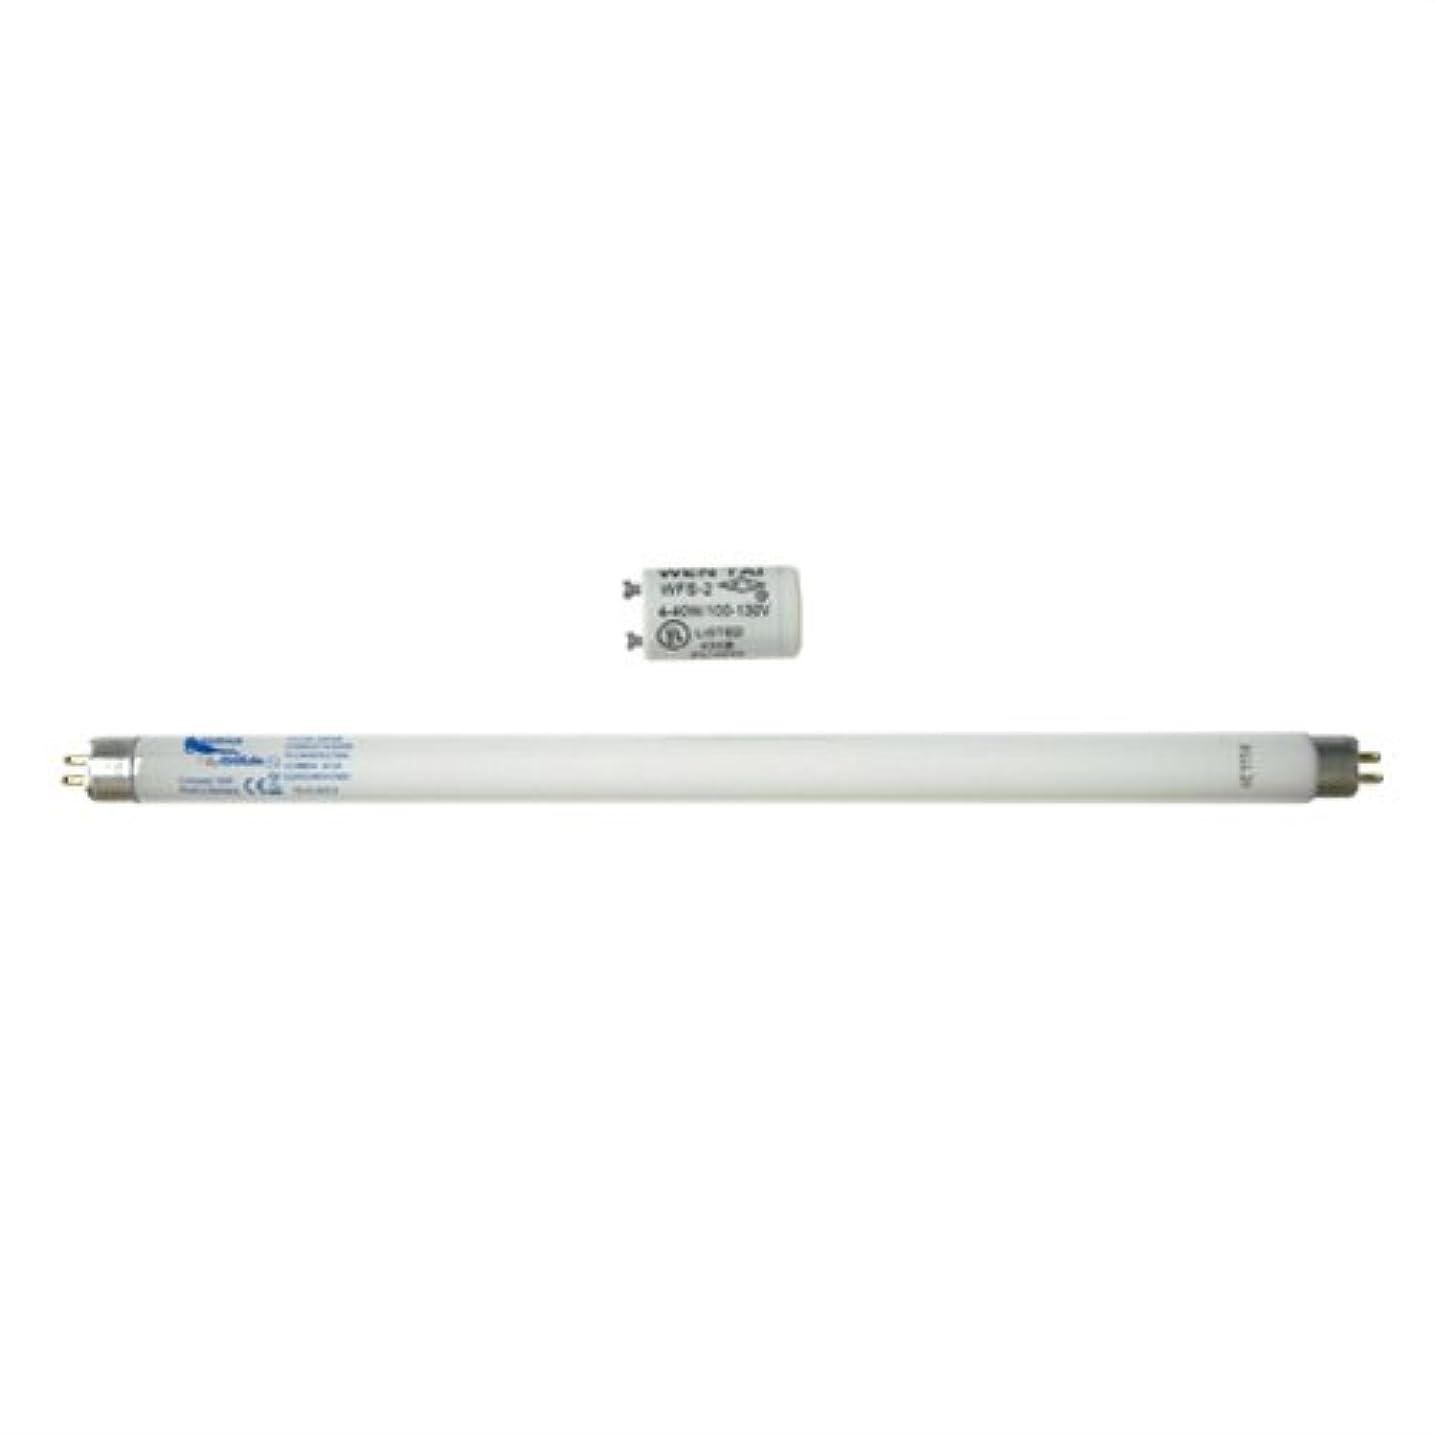 端傾向がある風家庭用日焼けマシン ネオタン用 交換用消耗品セット (UVランプ?チューブ(蛍光管)*1本(15W?29cm)、S2グロースターター*1個(S-2タイプ)